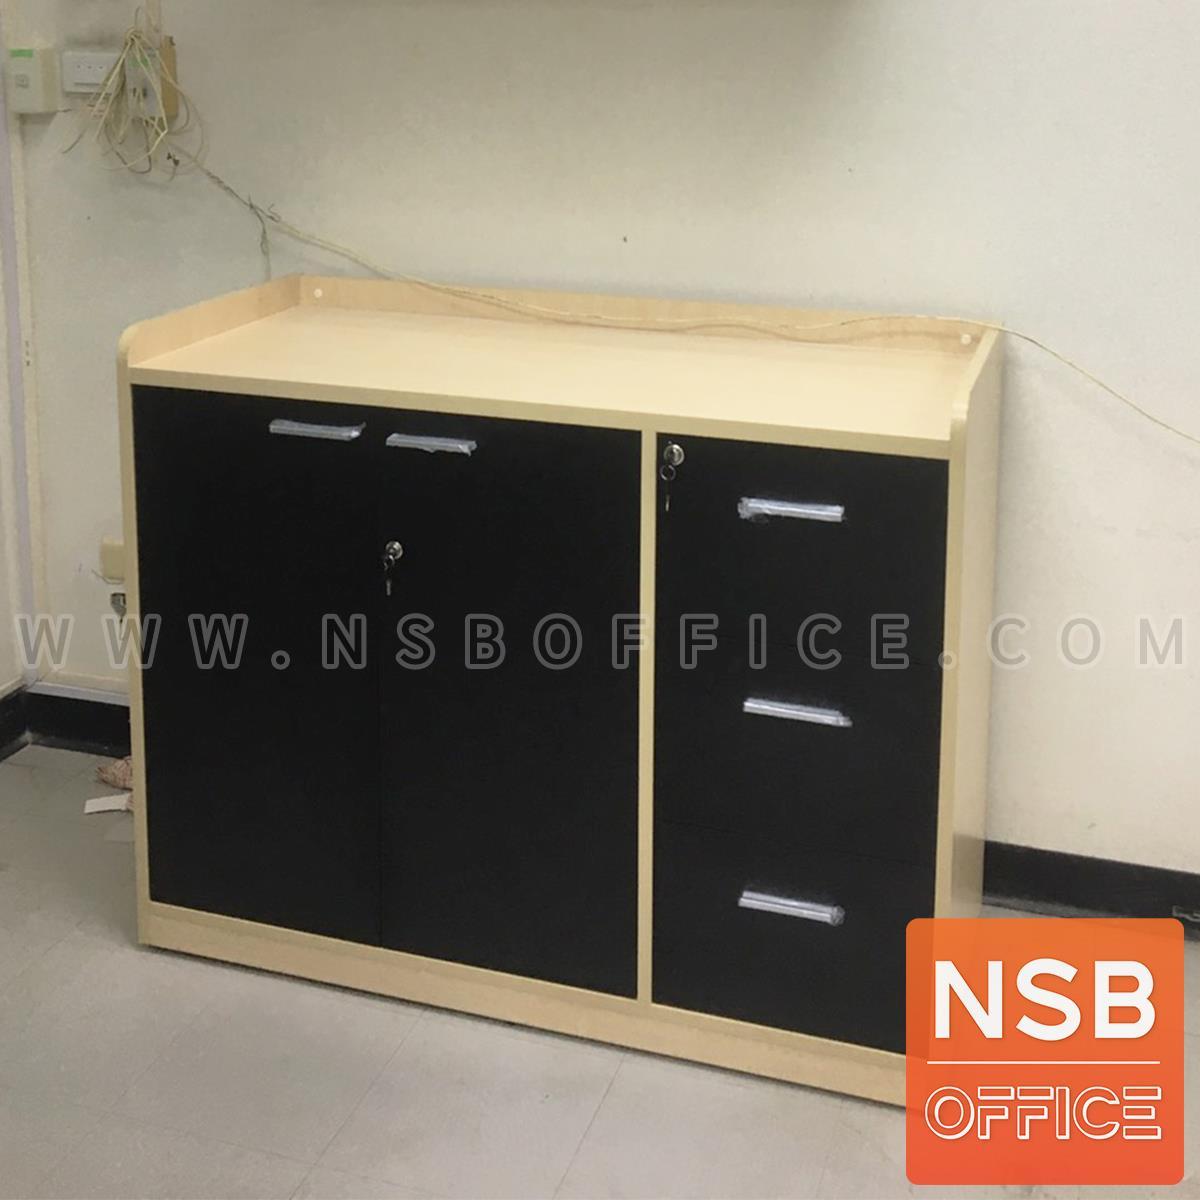 ตู้เอนกประสงค์ 2 บานเปิด 3 ลิ้นชัก  รุ่น Wallbox (วอลบ็อกซ์) ขนาด 120W, 150W cm. มีขอบกันตก